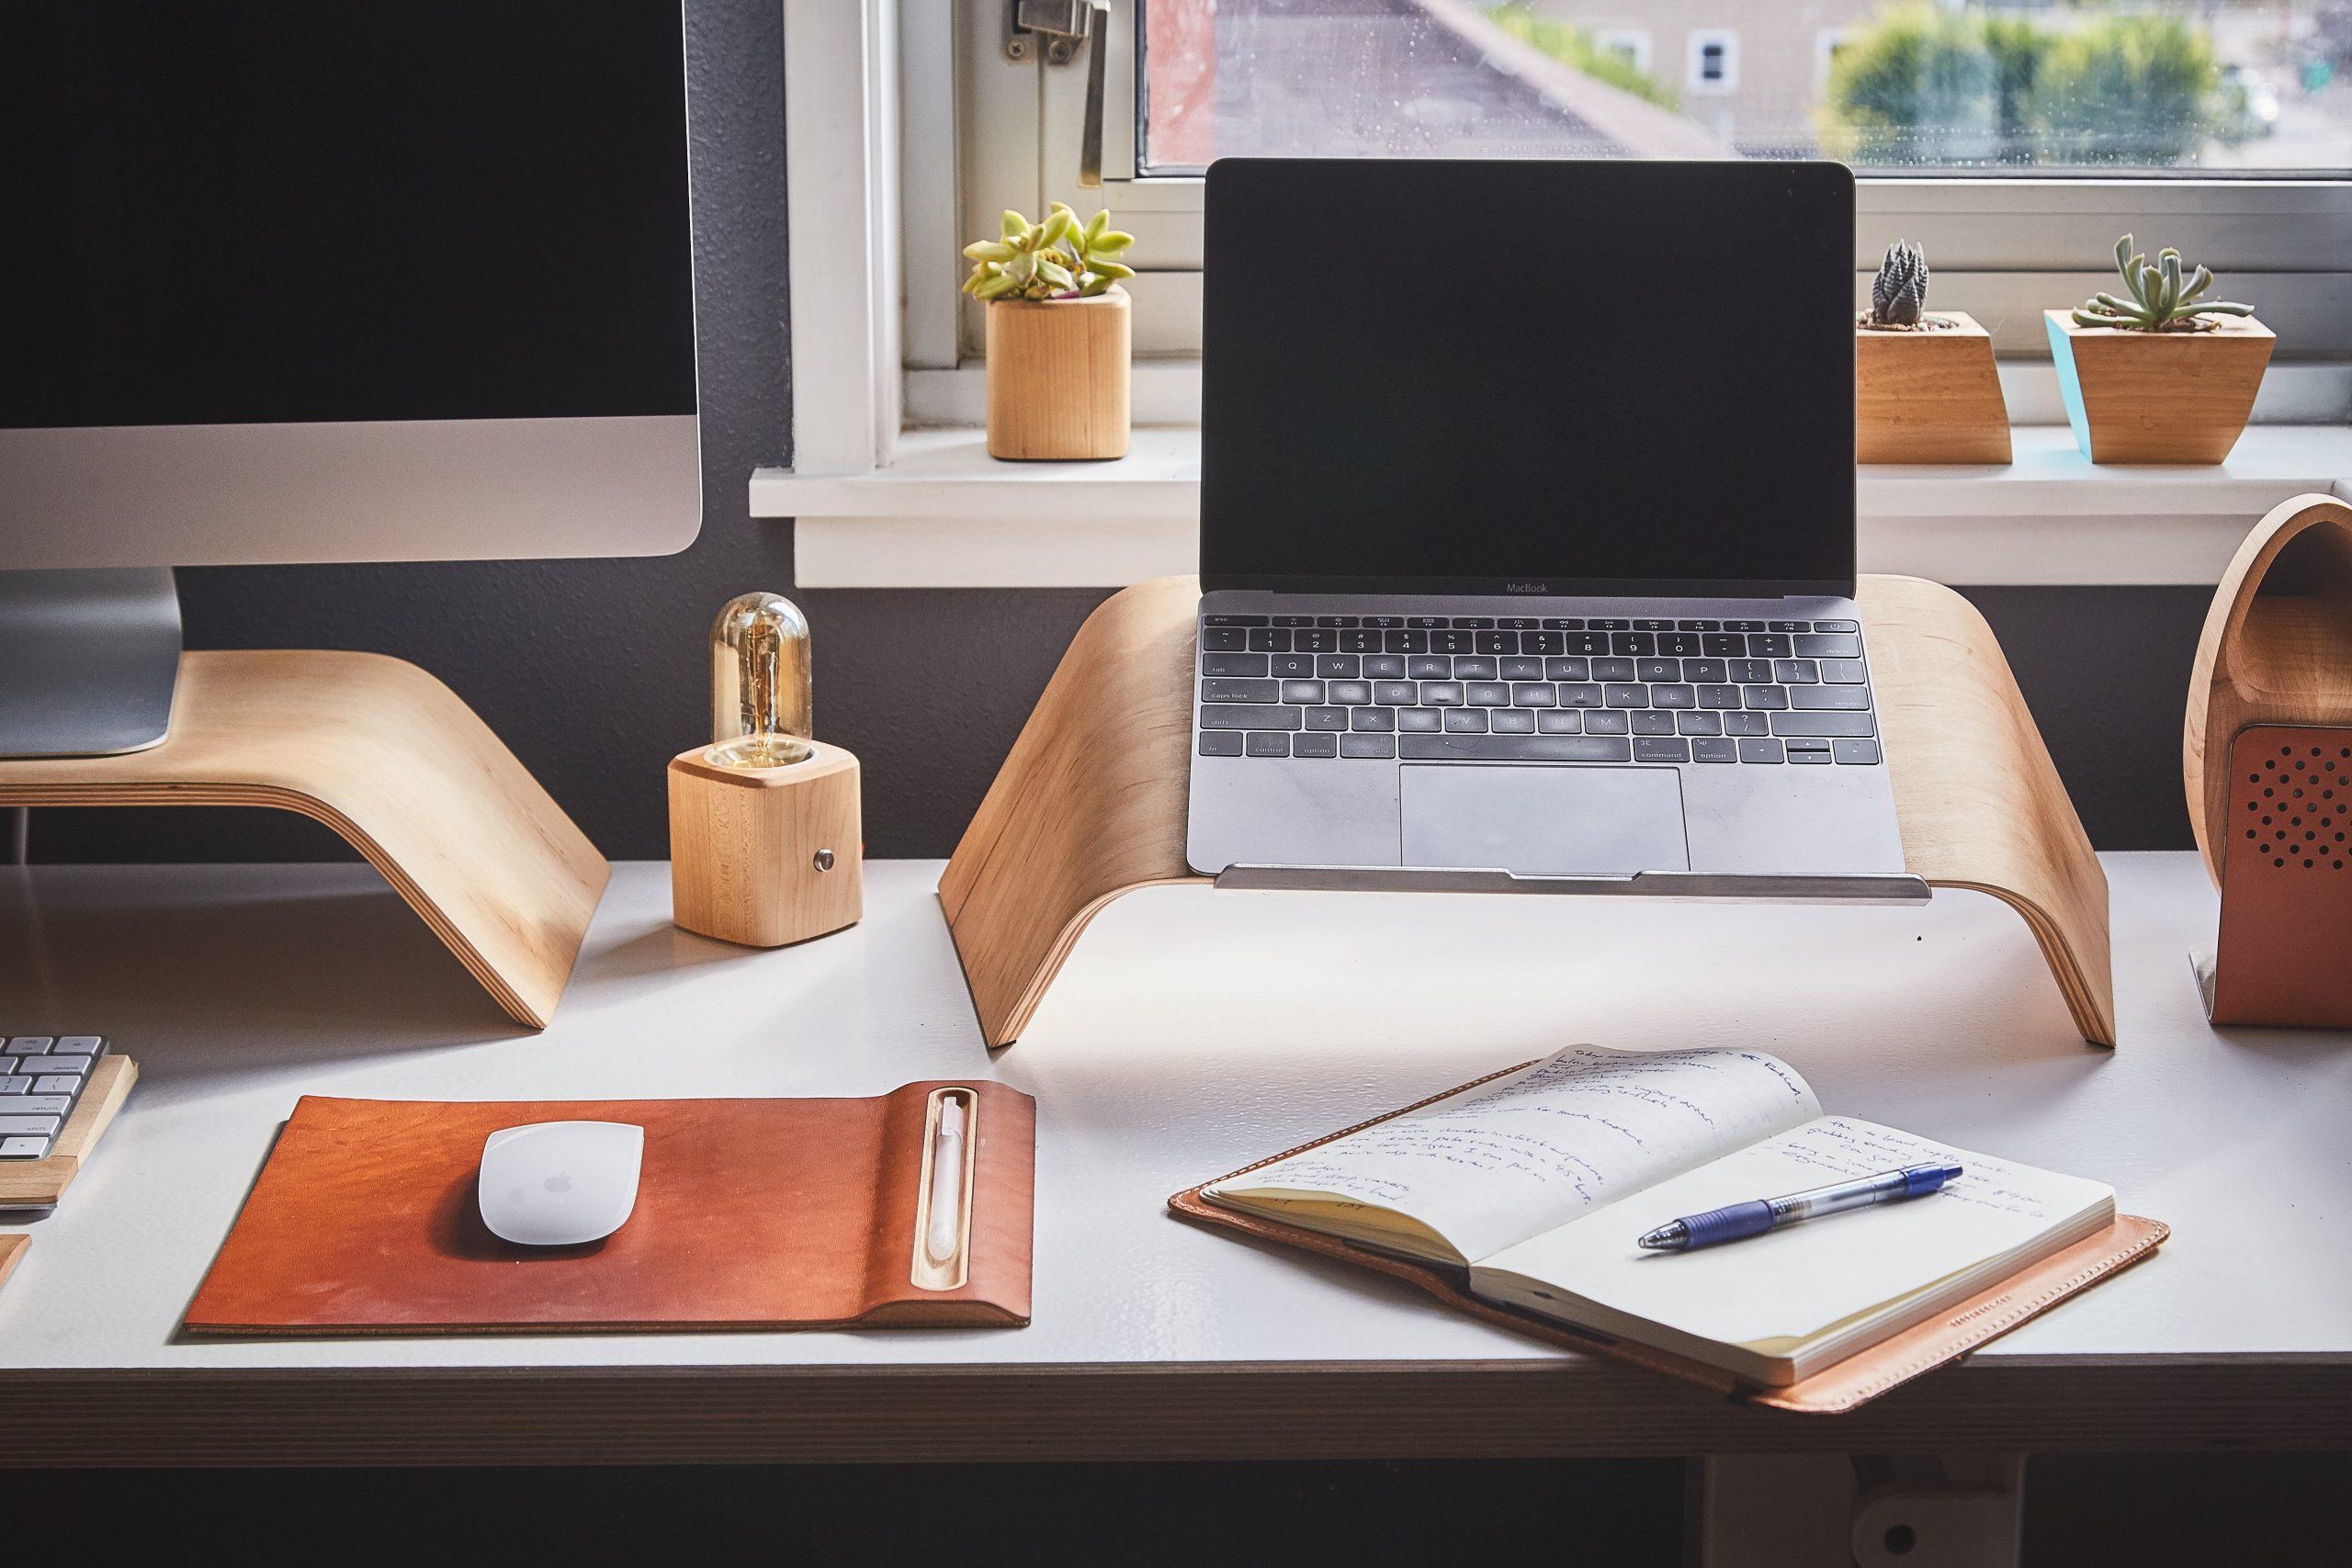 Tipps für die Arbeit im Home-Office